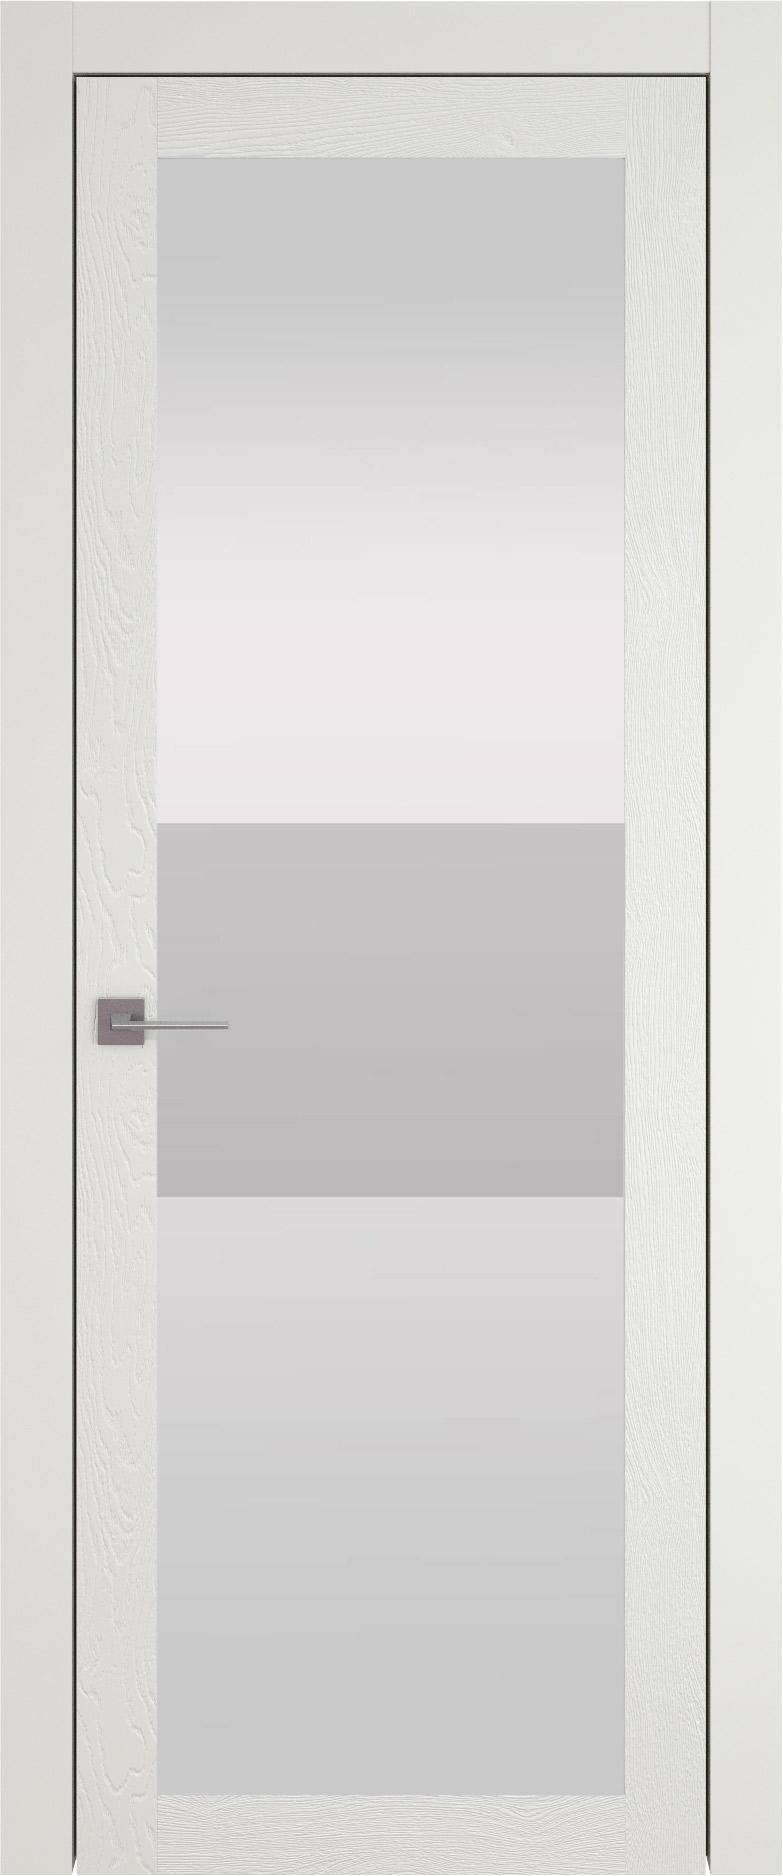 Tivoli З-4 цвет - Бежевая эмаль по шпону (RAL 9010) Со стеклом (ДО)